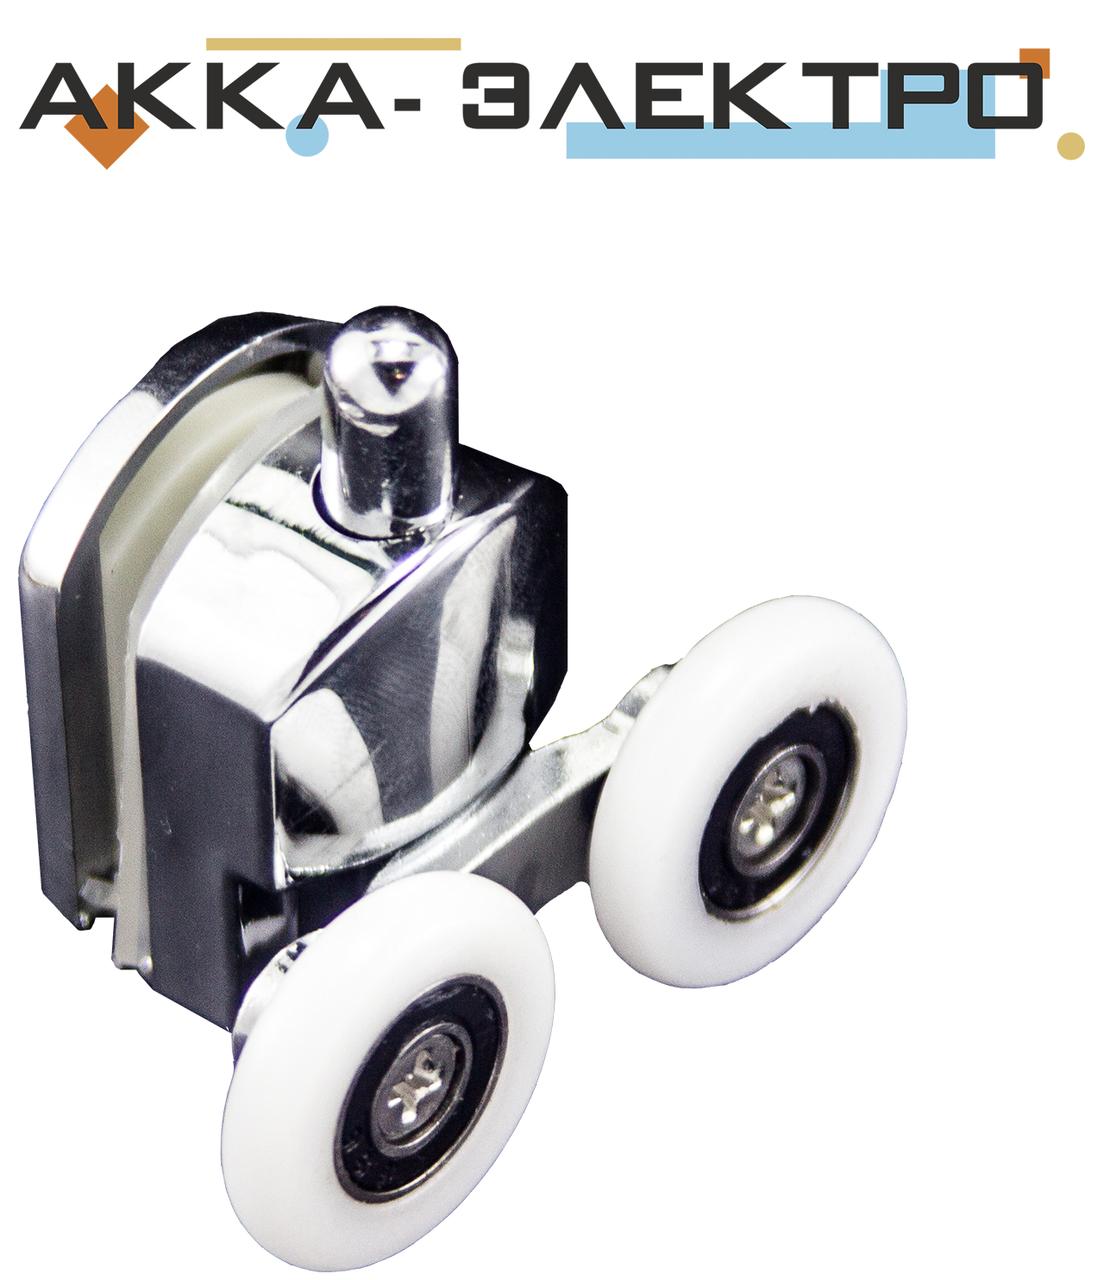 Ролик душової кабіни подвійний, хромований, нажимной ( M-02 З ) 28 мм